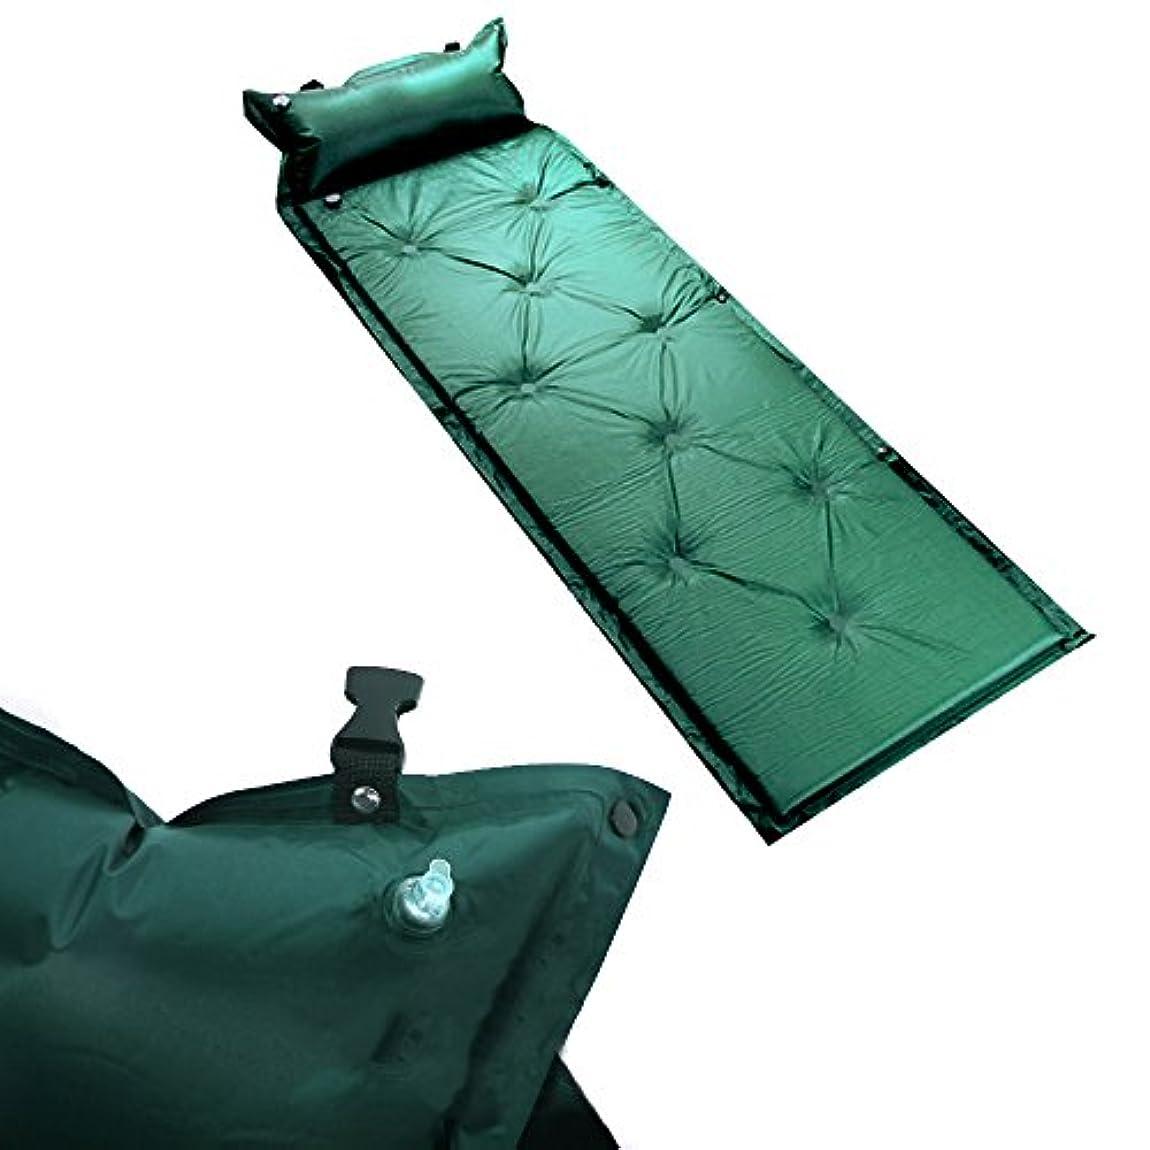 句読点ビルマ推定ZHENDUO 自動的にふくらむエアーマット キャンプマット エアーマット寝袋 軽量 抗菌防湿 車中泊 災害 急な来客 オフィス 公園 花火大会 レジャー